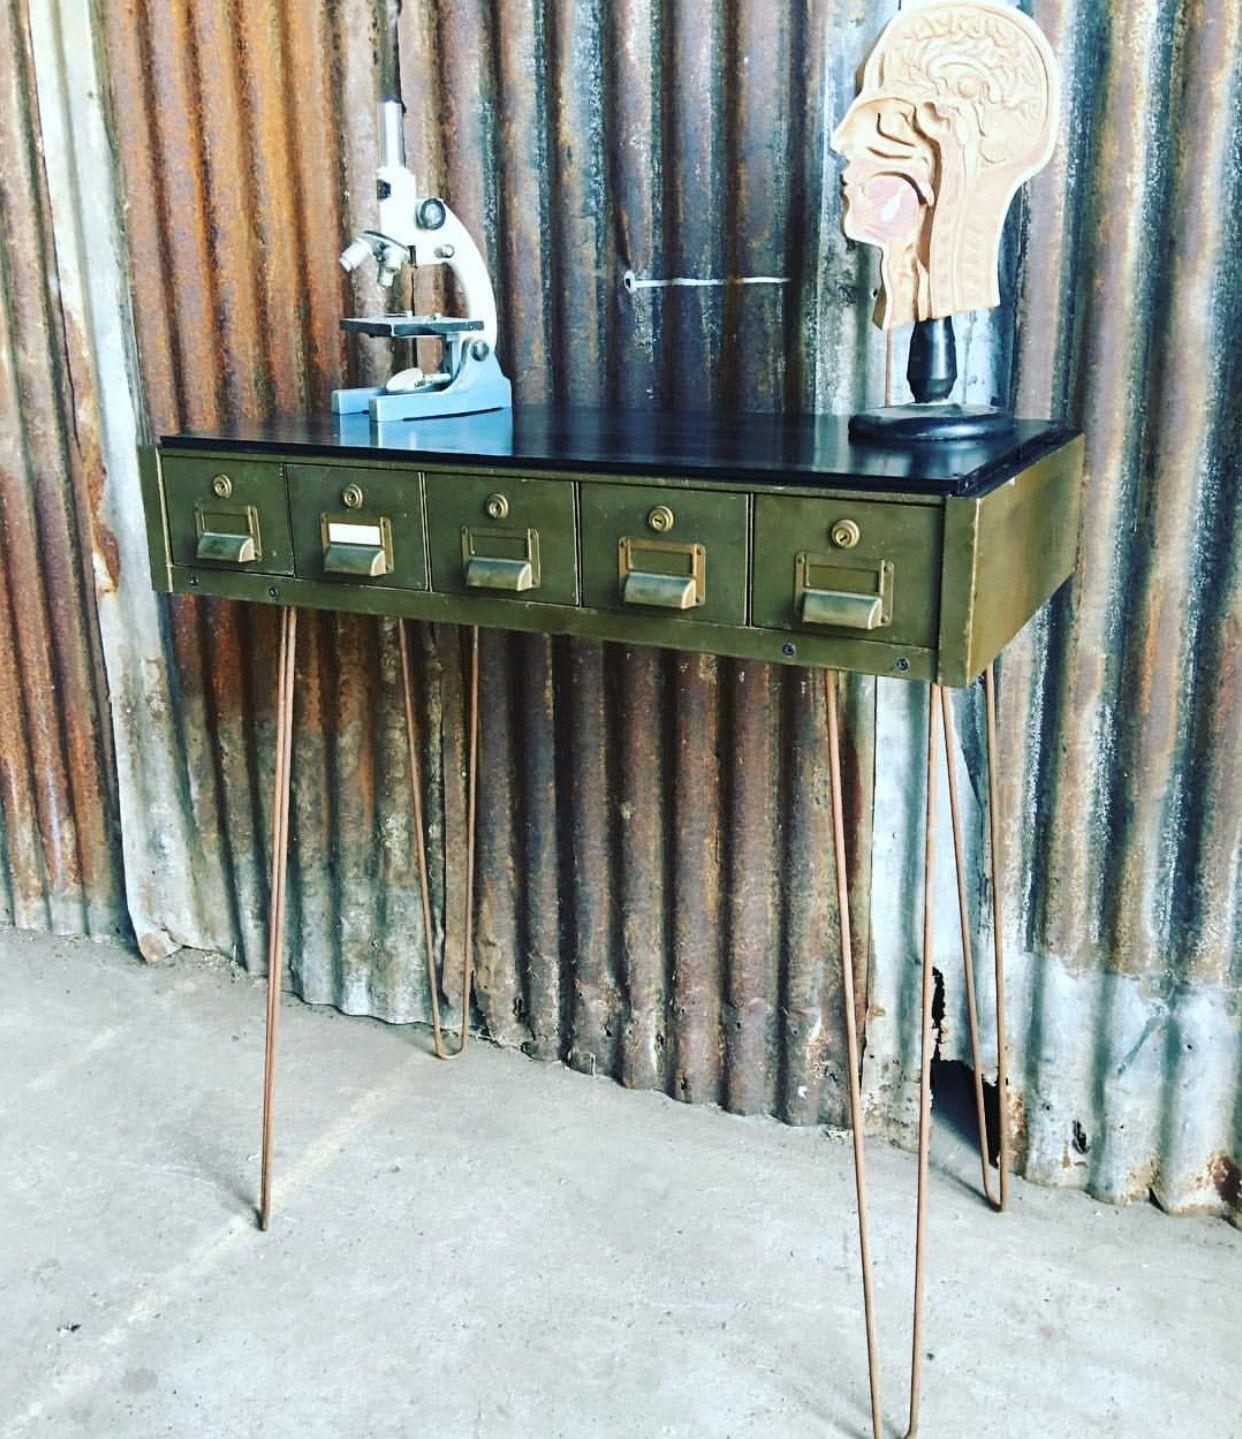 Steampunk Desk in 2020 Steampunk desk, Furniture